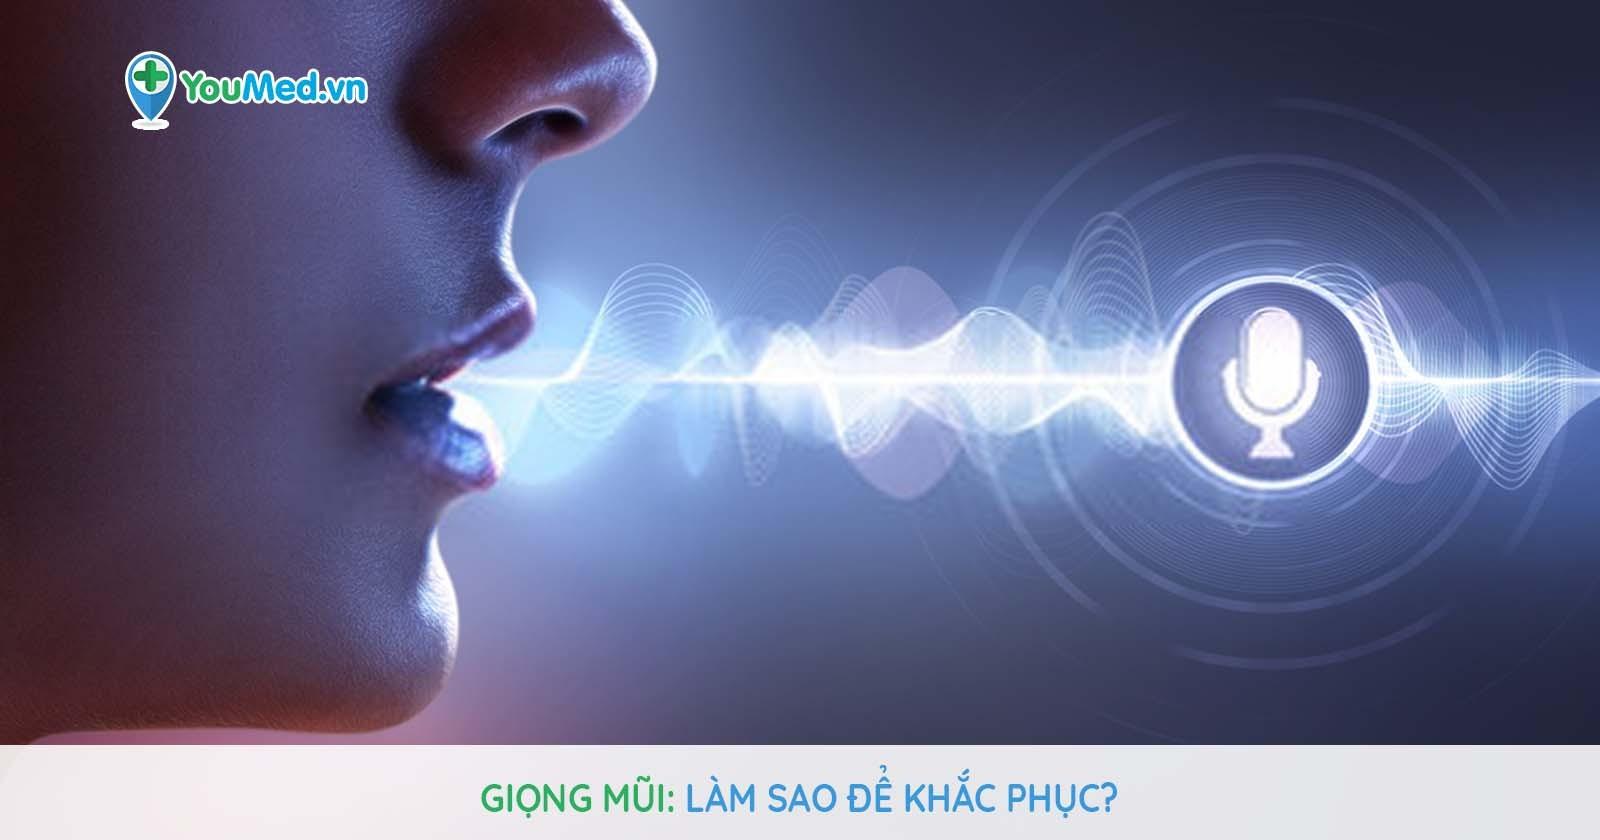 Giọng mũi và những điều cần biết